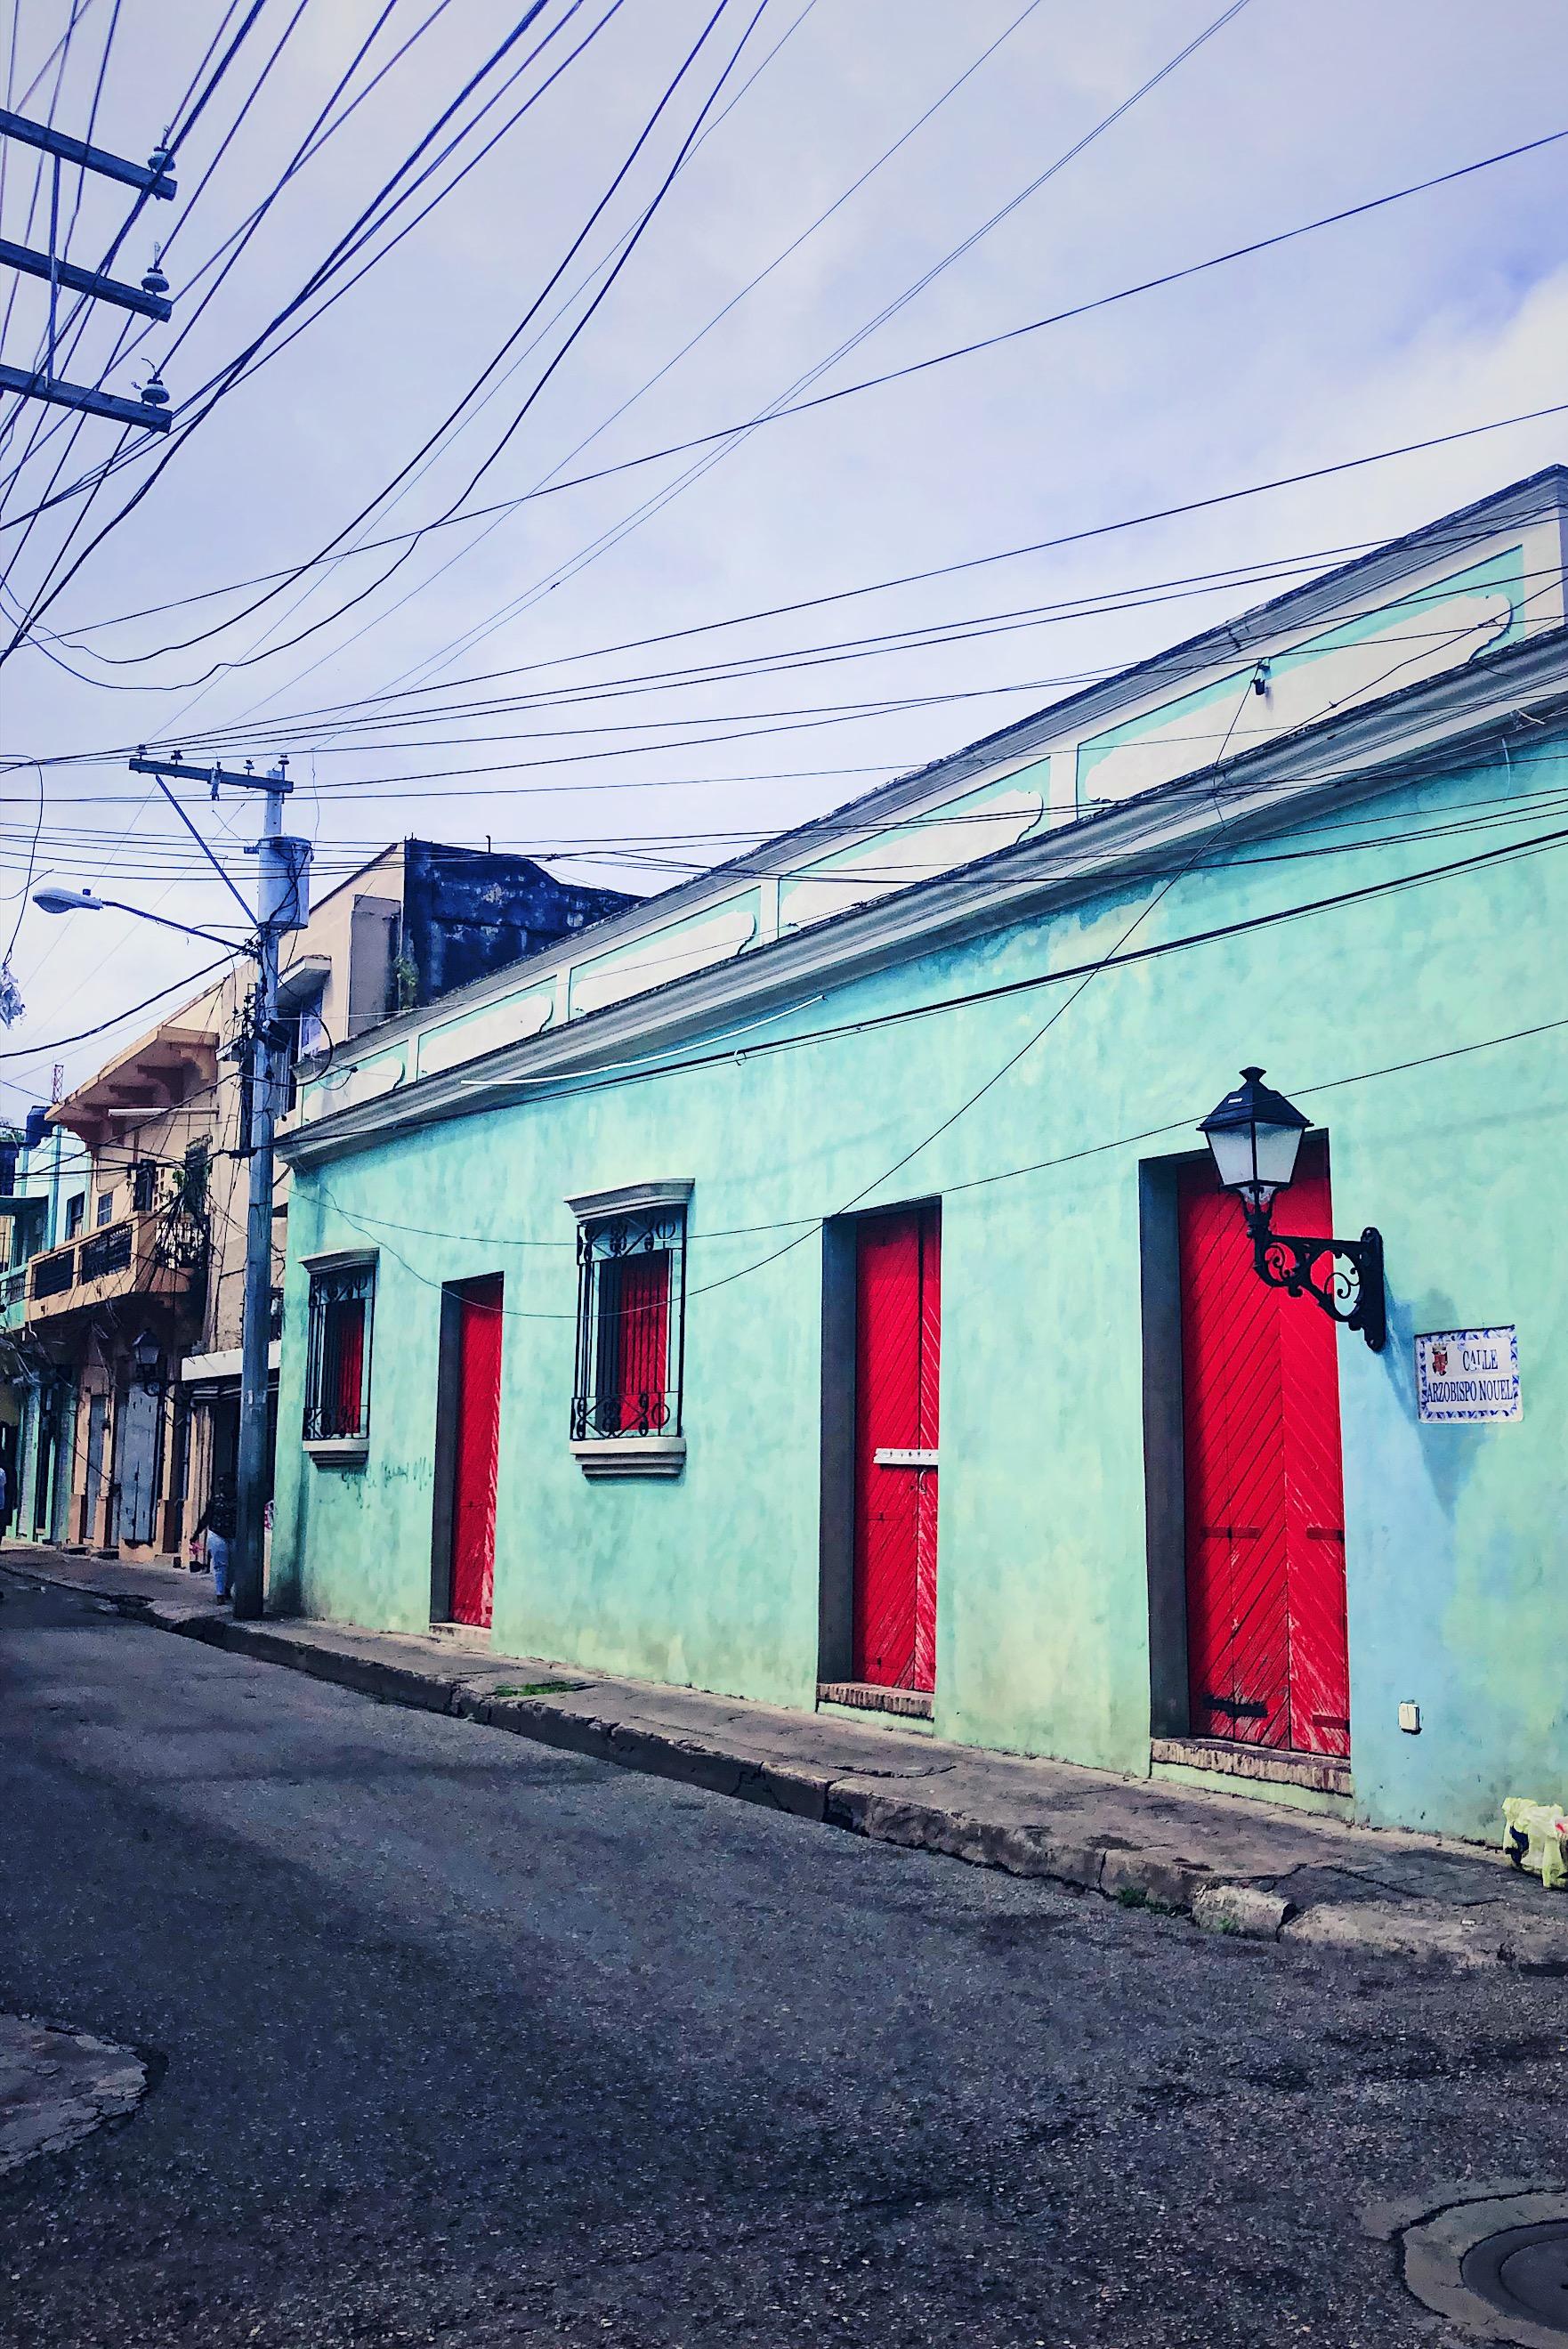 Dominikanische Republik Reisekosten Überblick